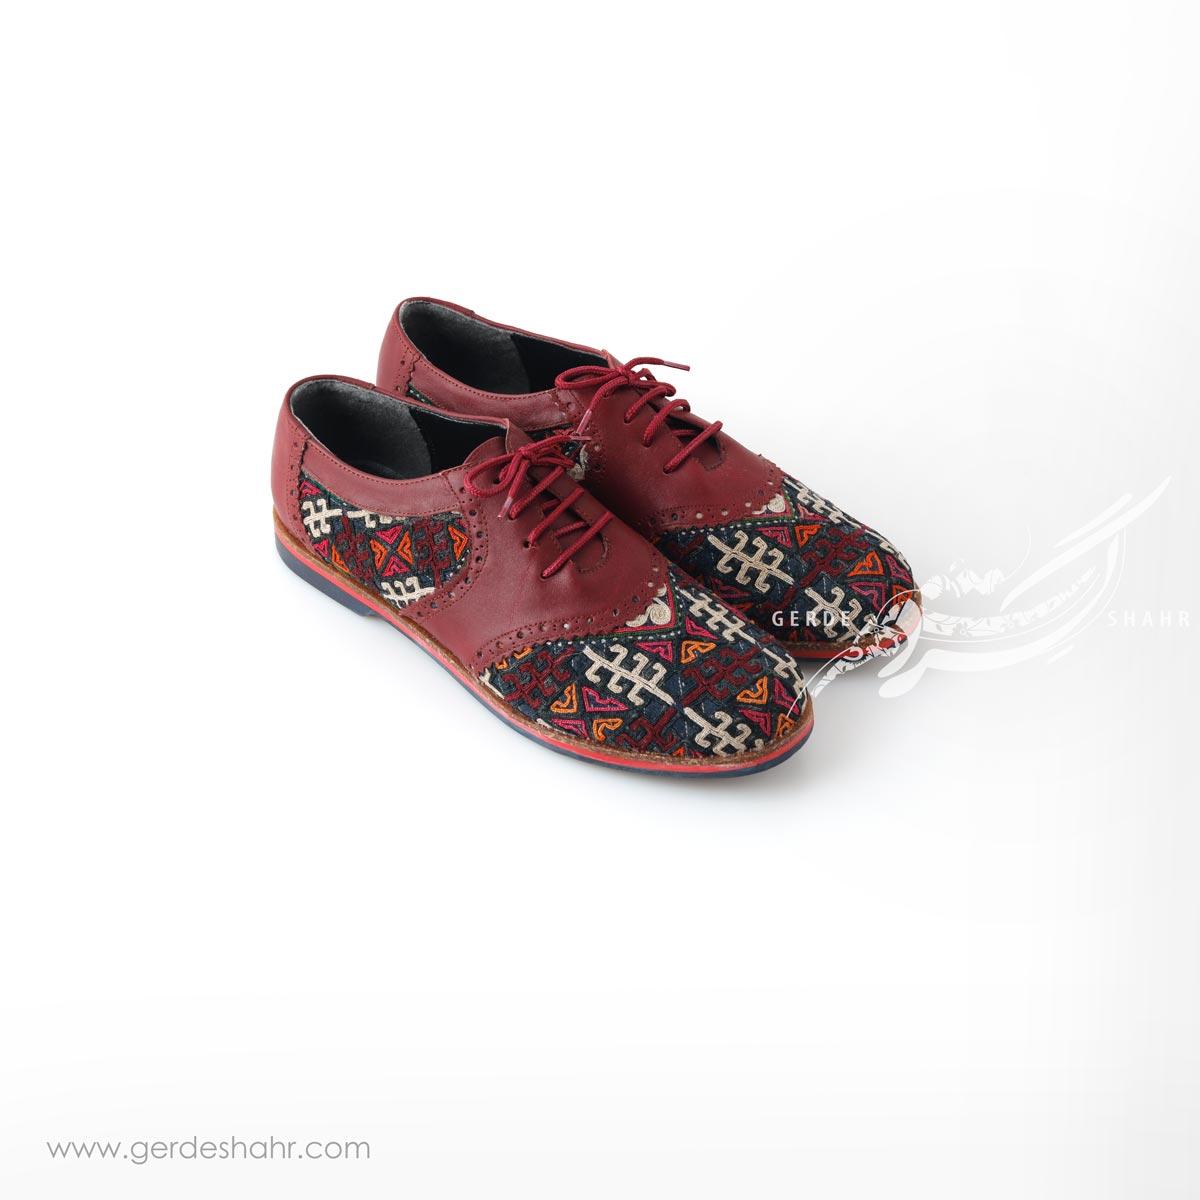 کفش دست دوز زرشکی سوزندوزی ترکمن 3 سایز 40 چاوان گنجه رخت